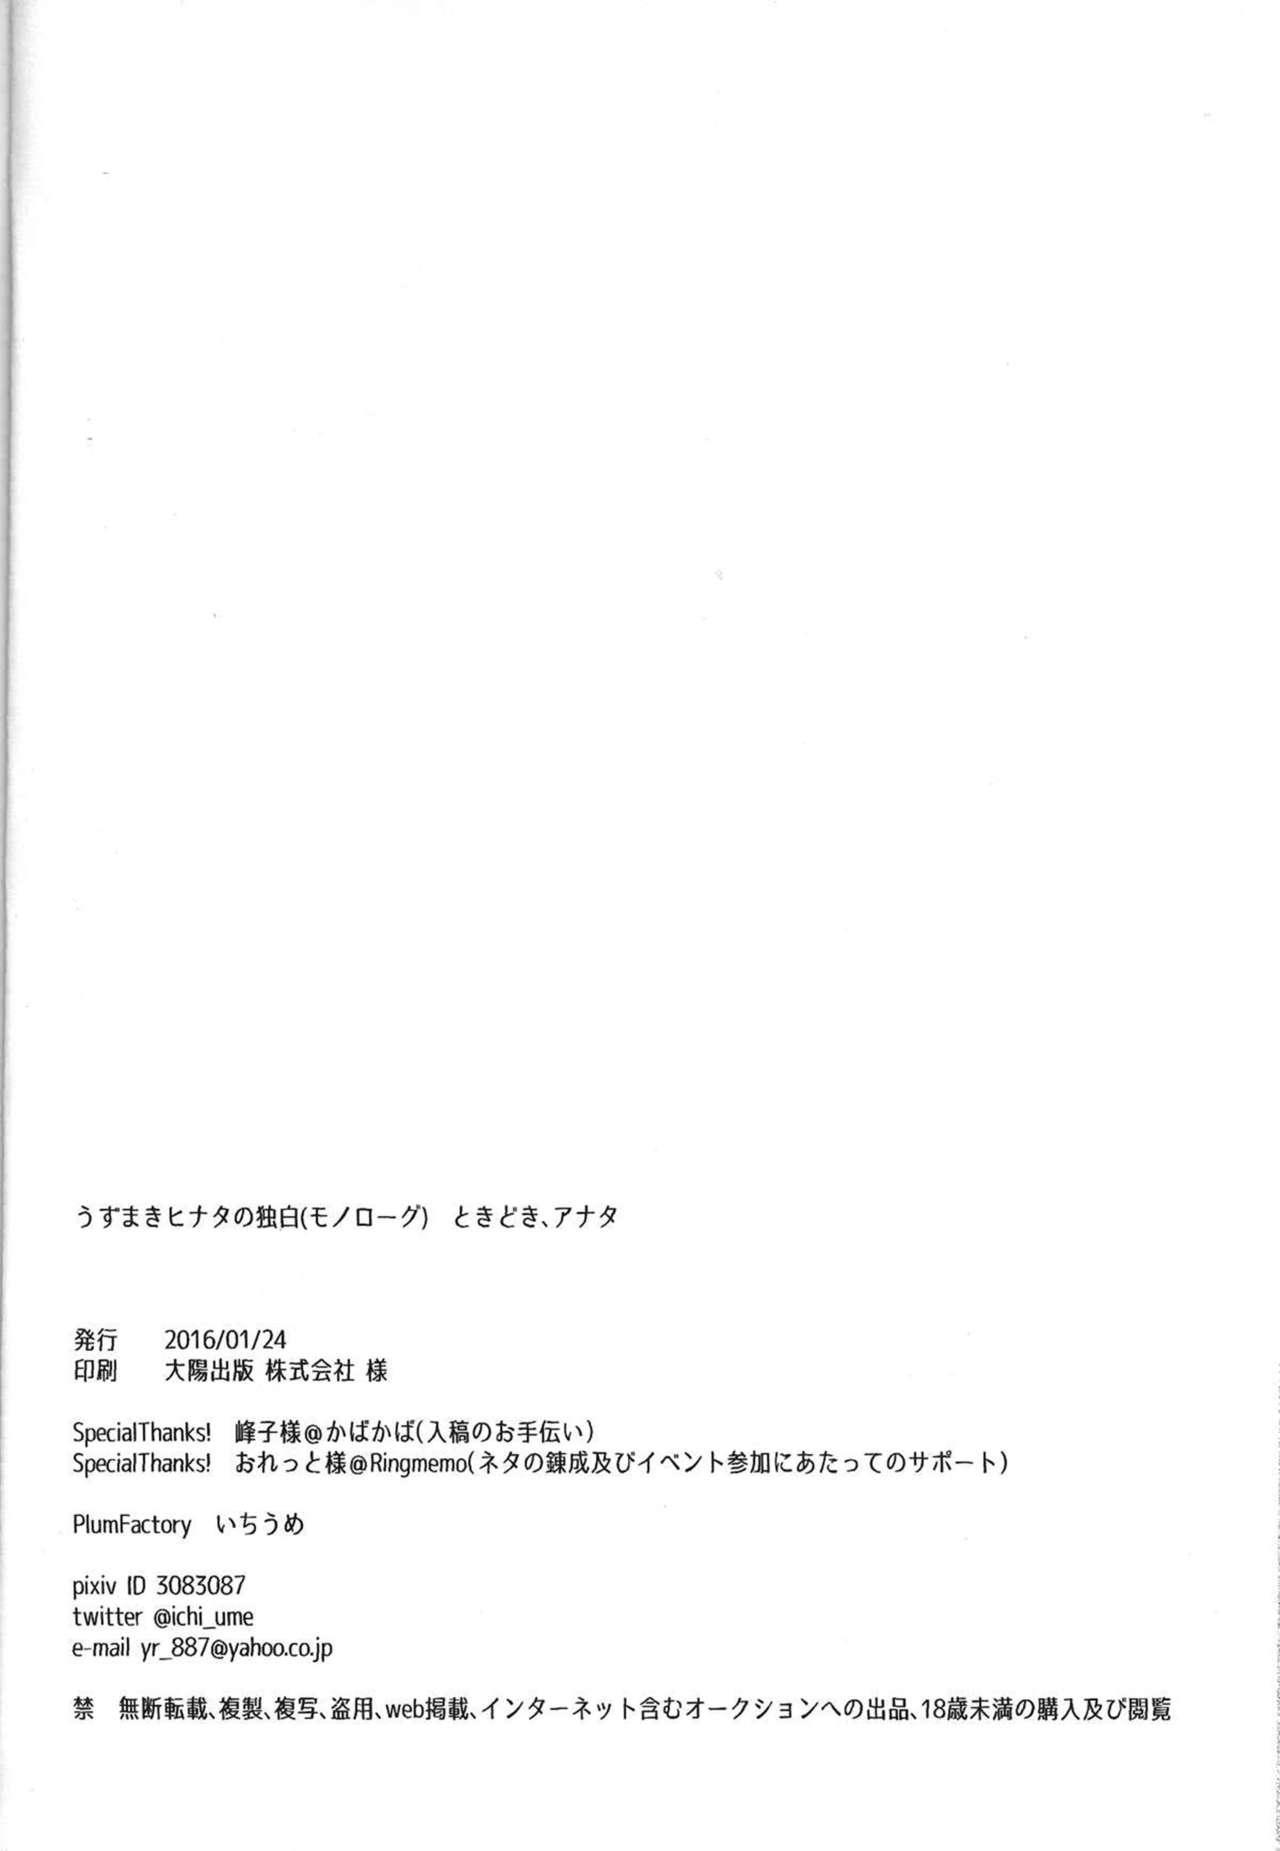 Uzumaki Hinata no Monologue Tokidoki, Anata 58